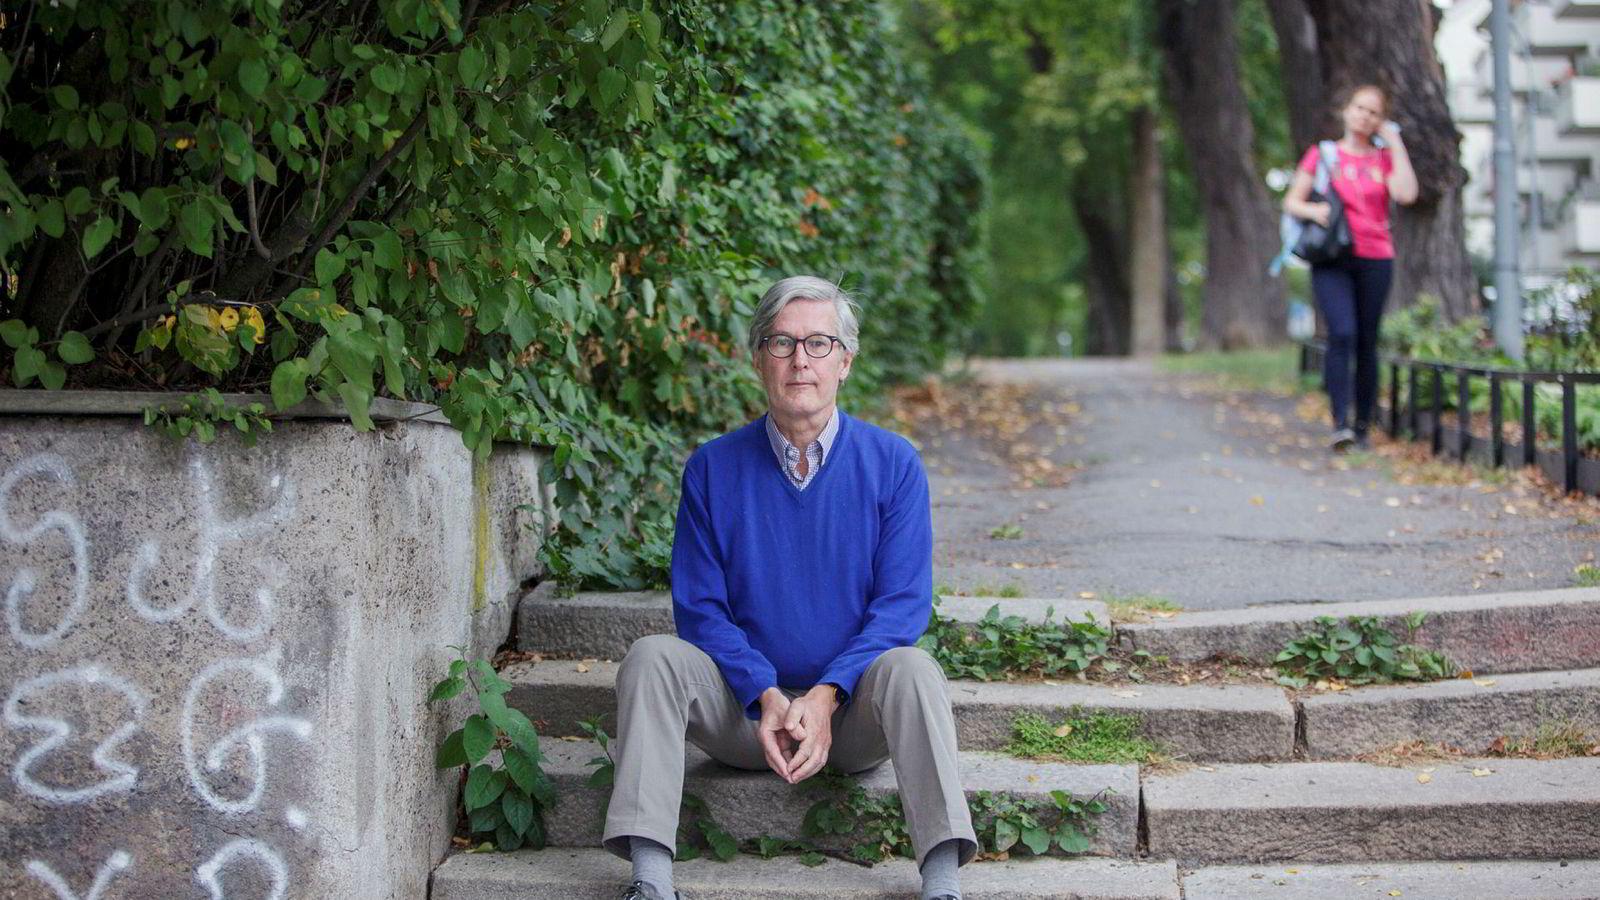 De utroligste ting kan skje om man møter andre fordomsfritt, skriver psykiater Tormod Huseby. Han er ny spaltist i DN.